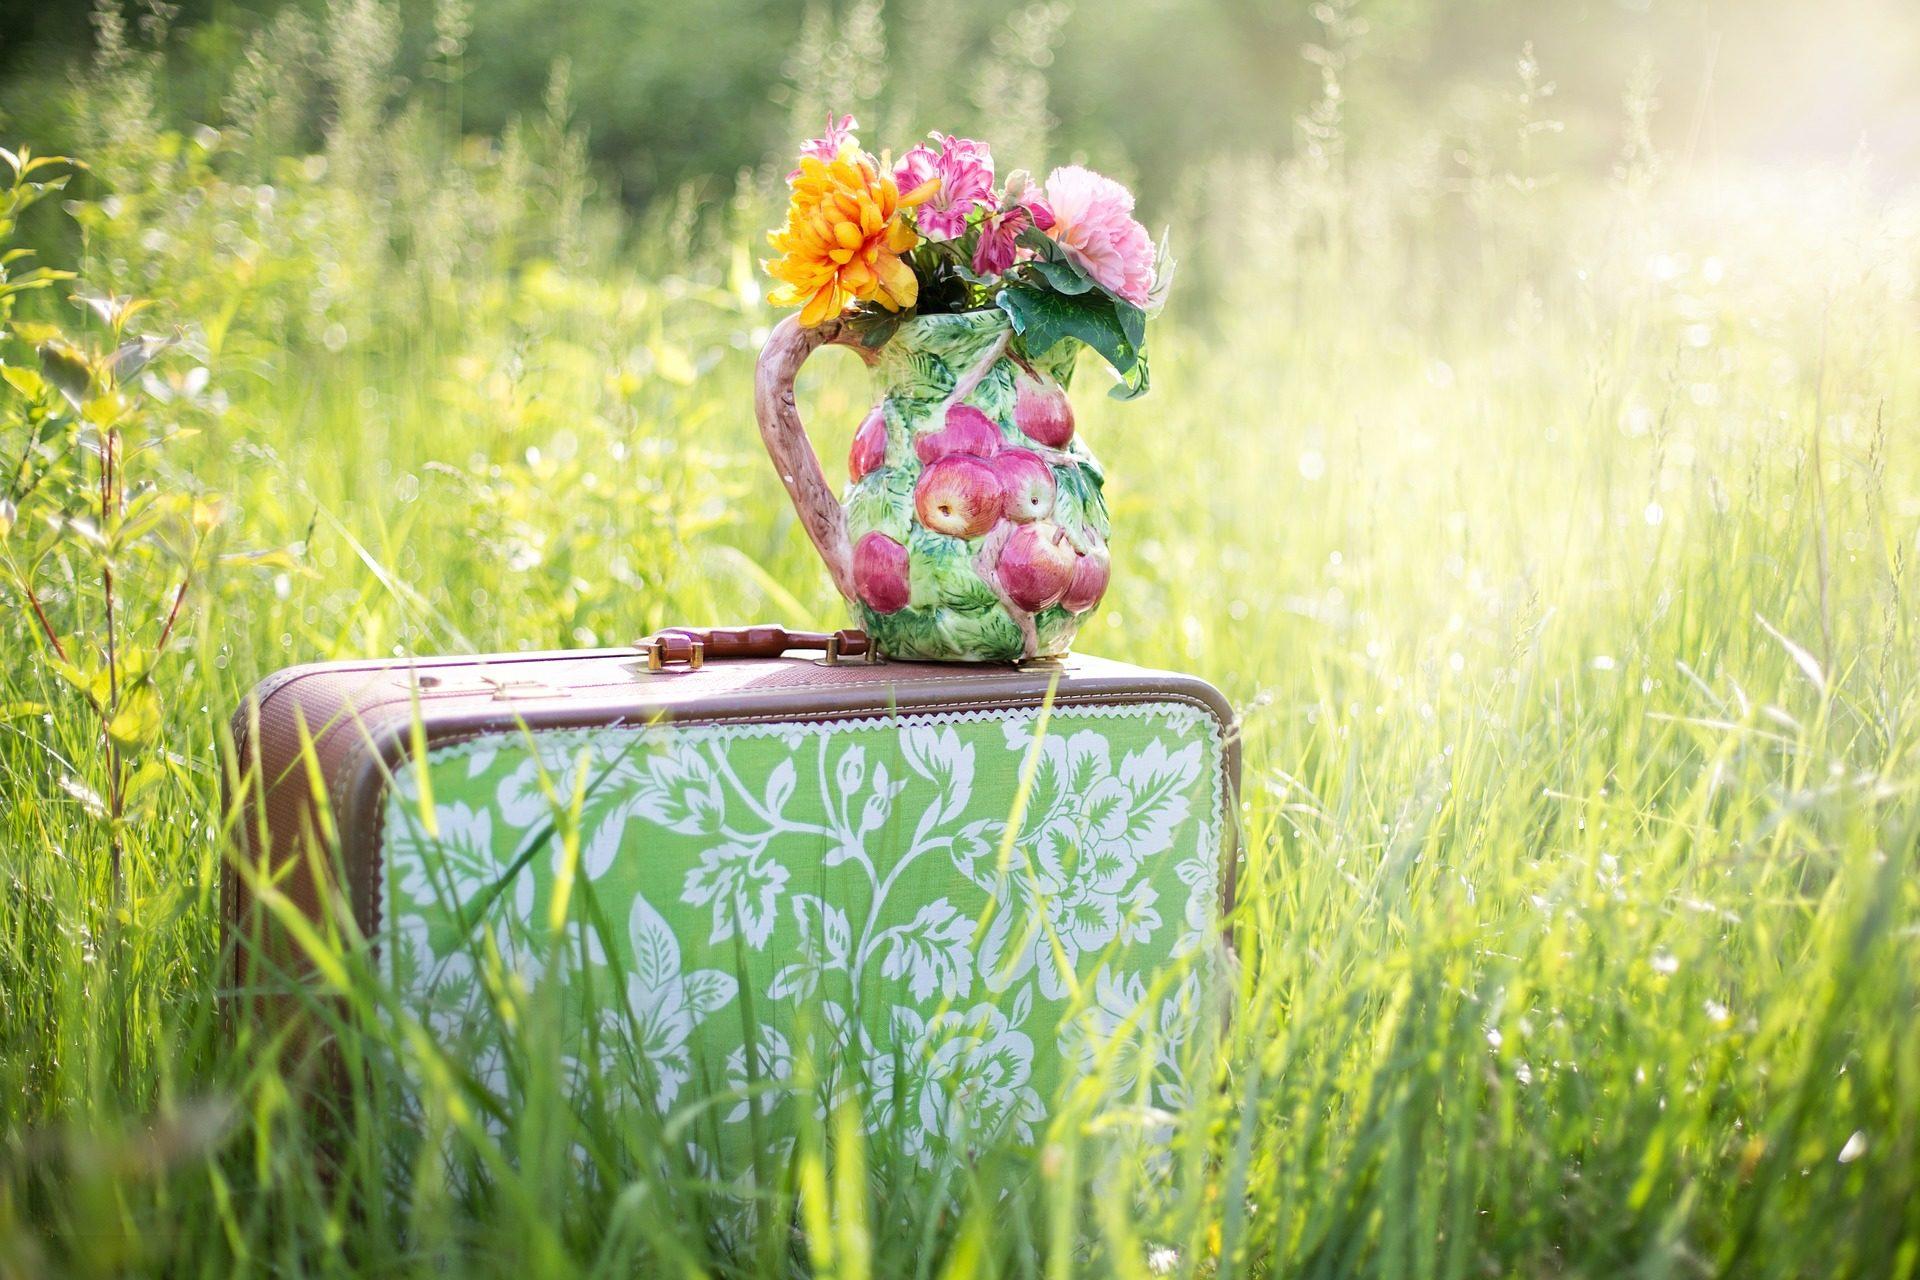 スーツケース, 花瓶, 花, フィールド, 草 - HD の壁紙 - 教授-falken.com